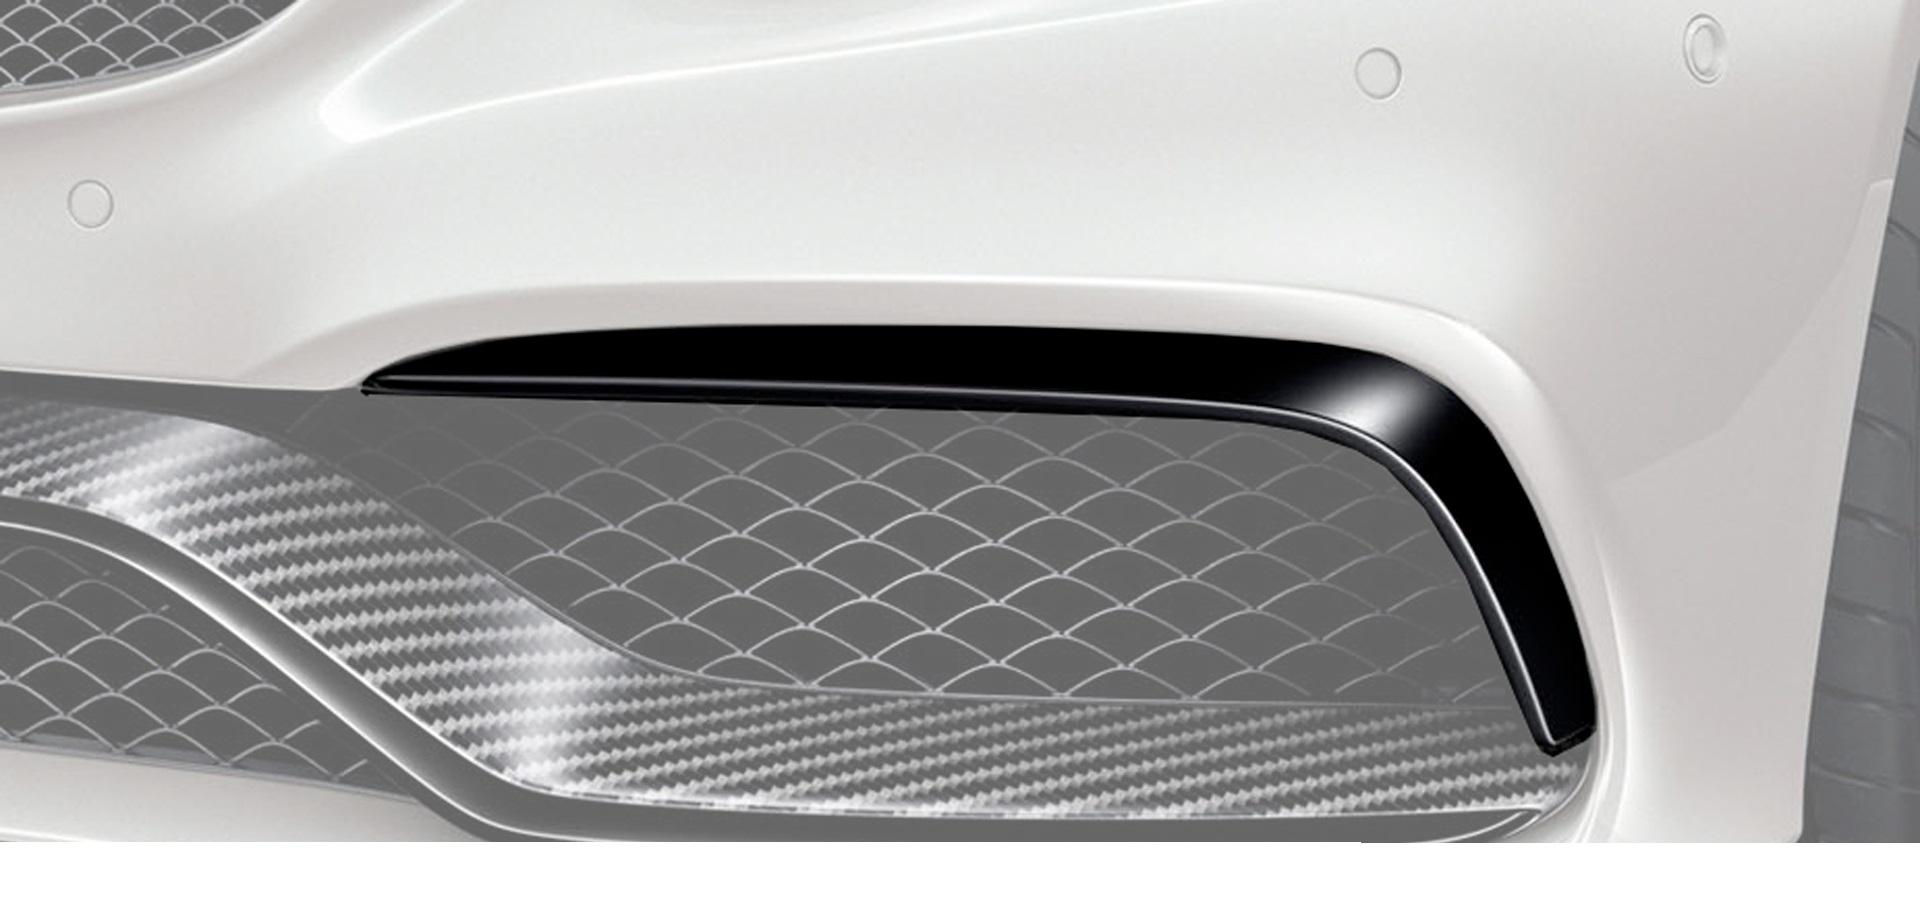 Карбоновые накладки на воздухозаборники переднего бампера AMG Style для Mercedes С-class W205